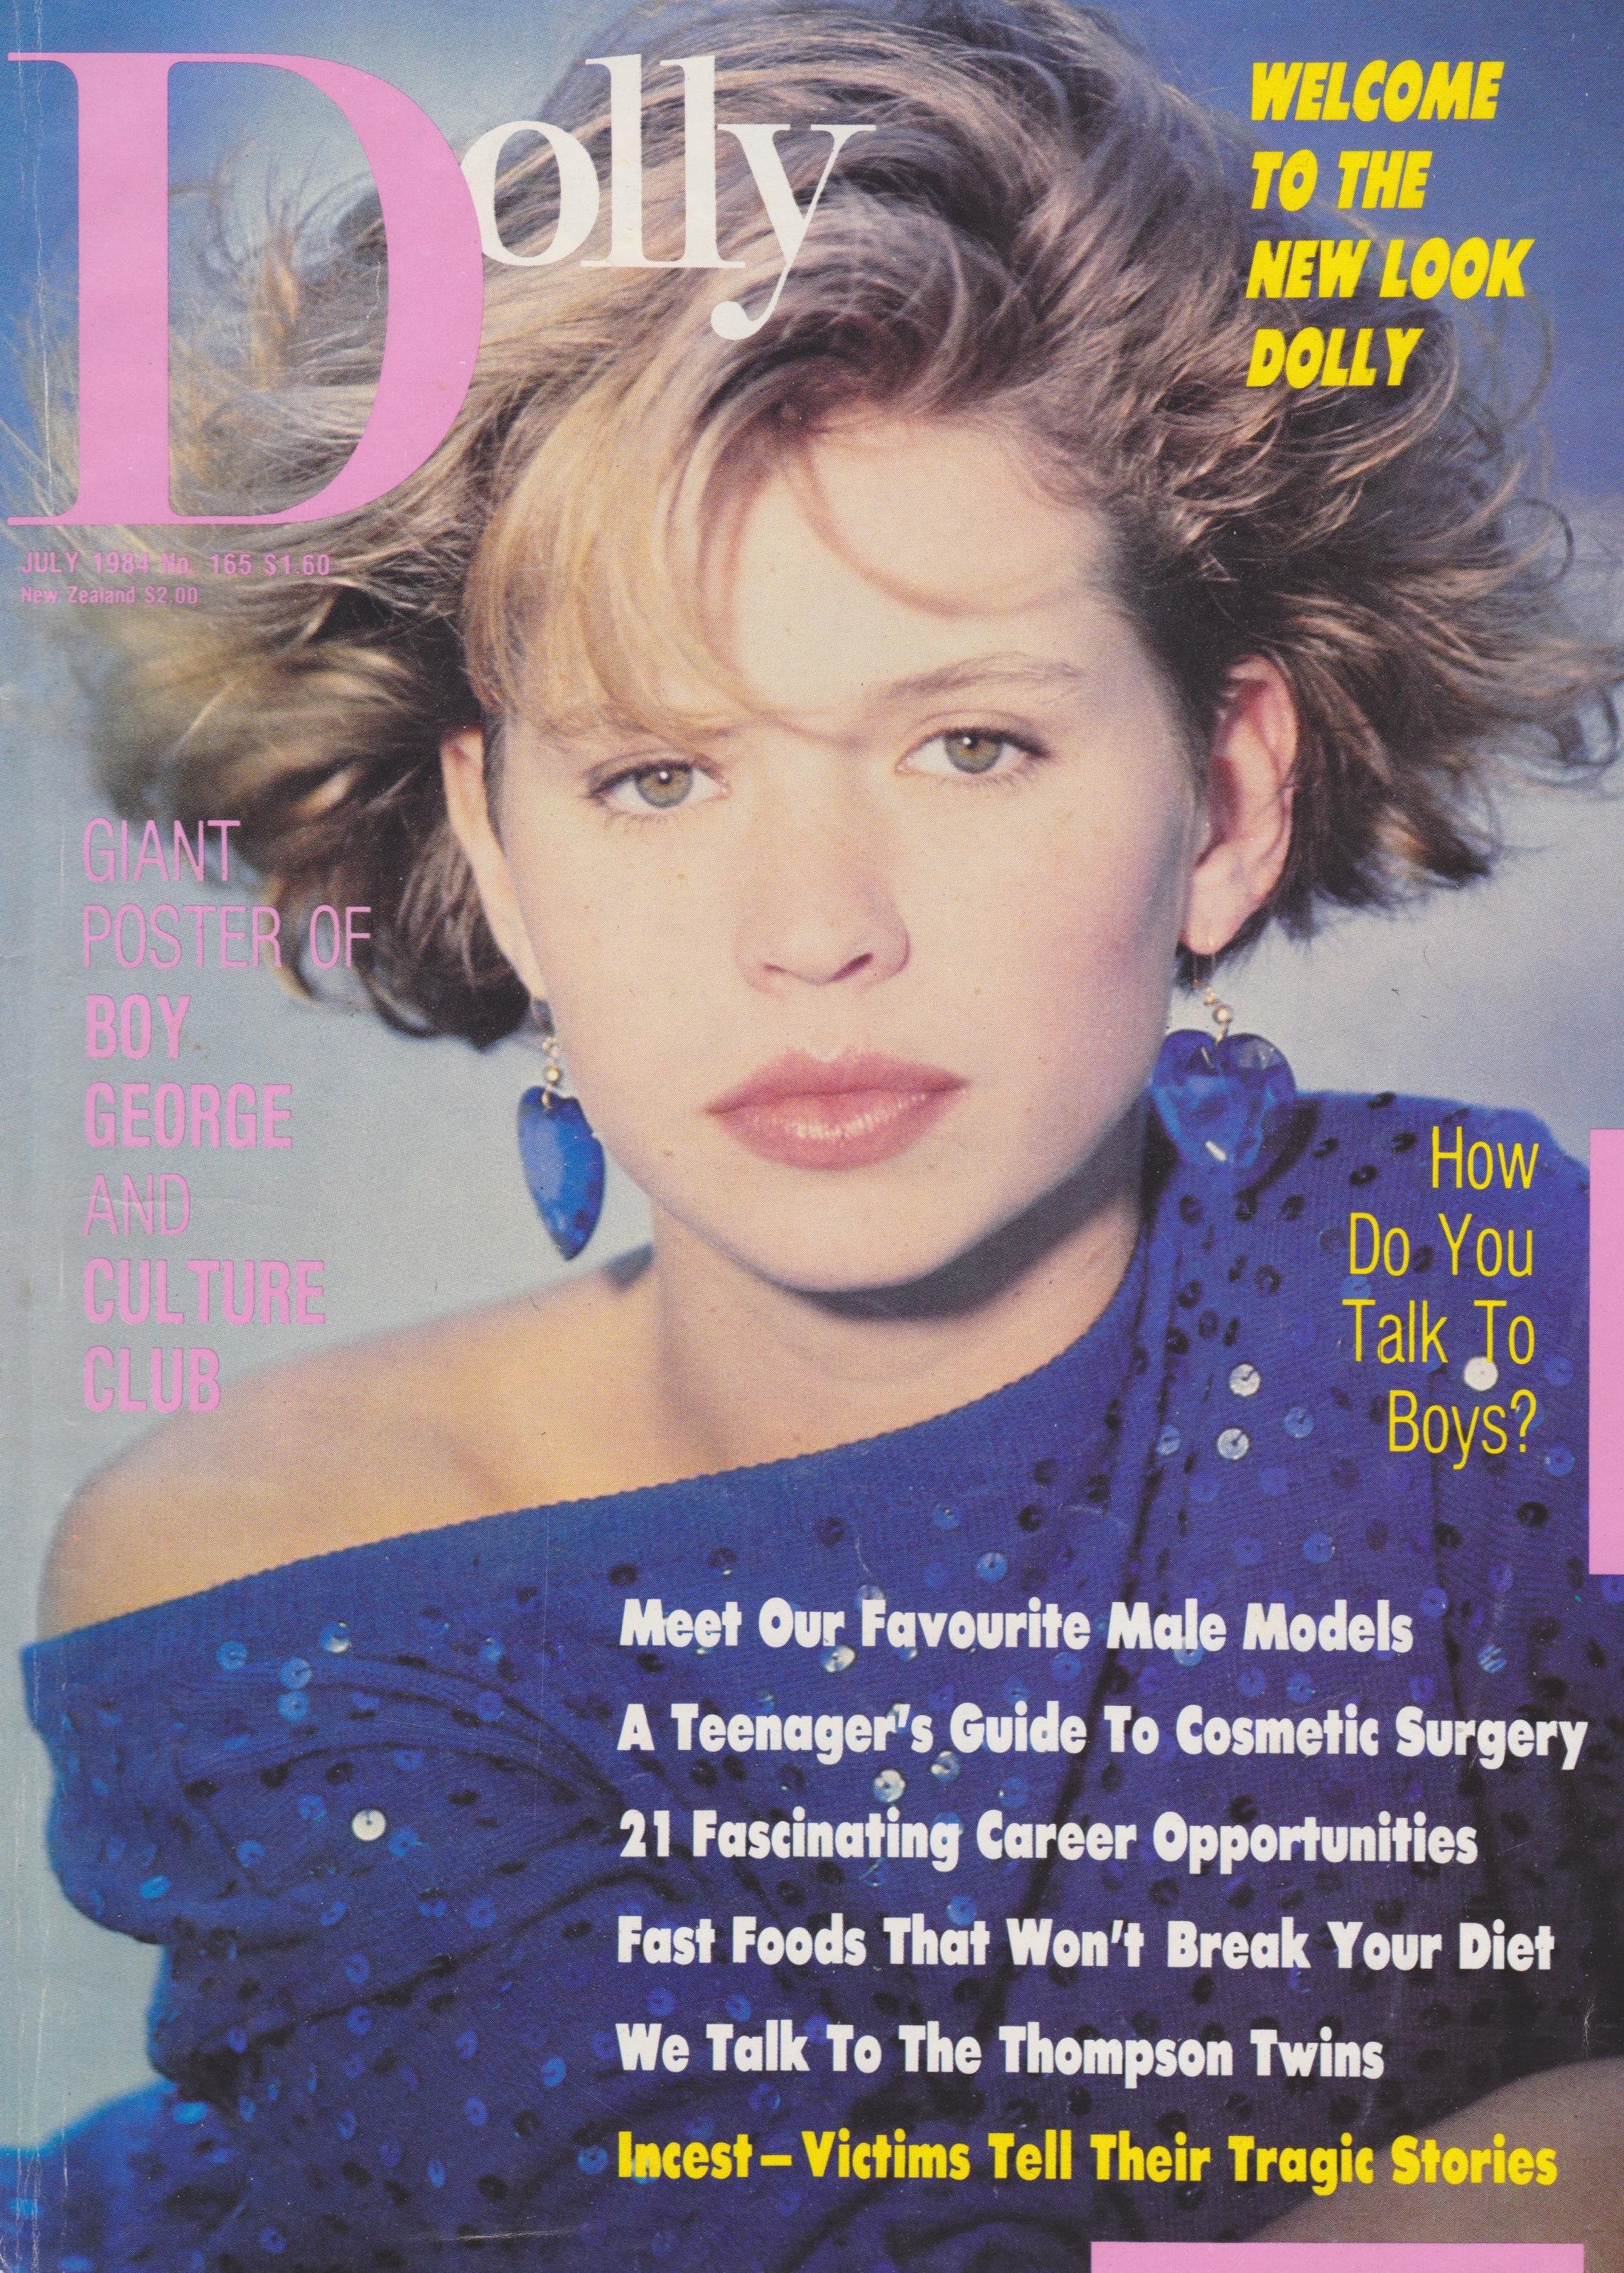 Dolly Magazine July 1984 | Jenny